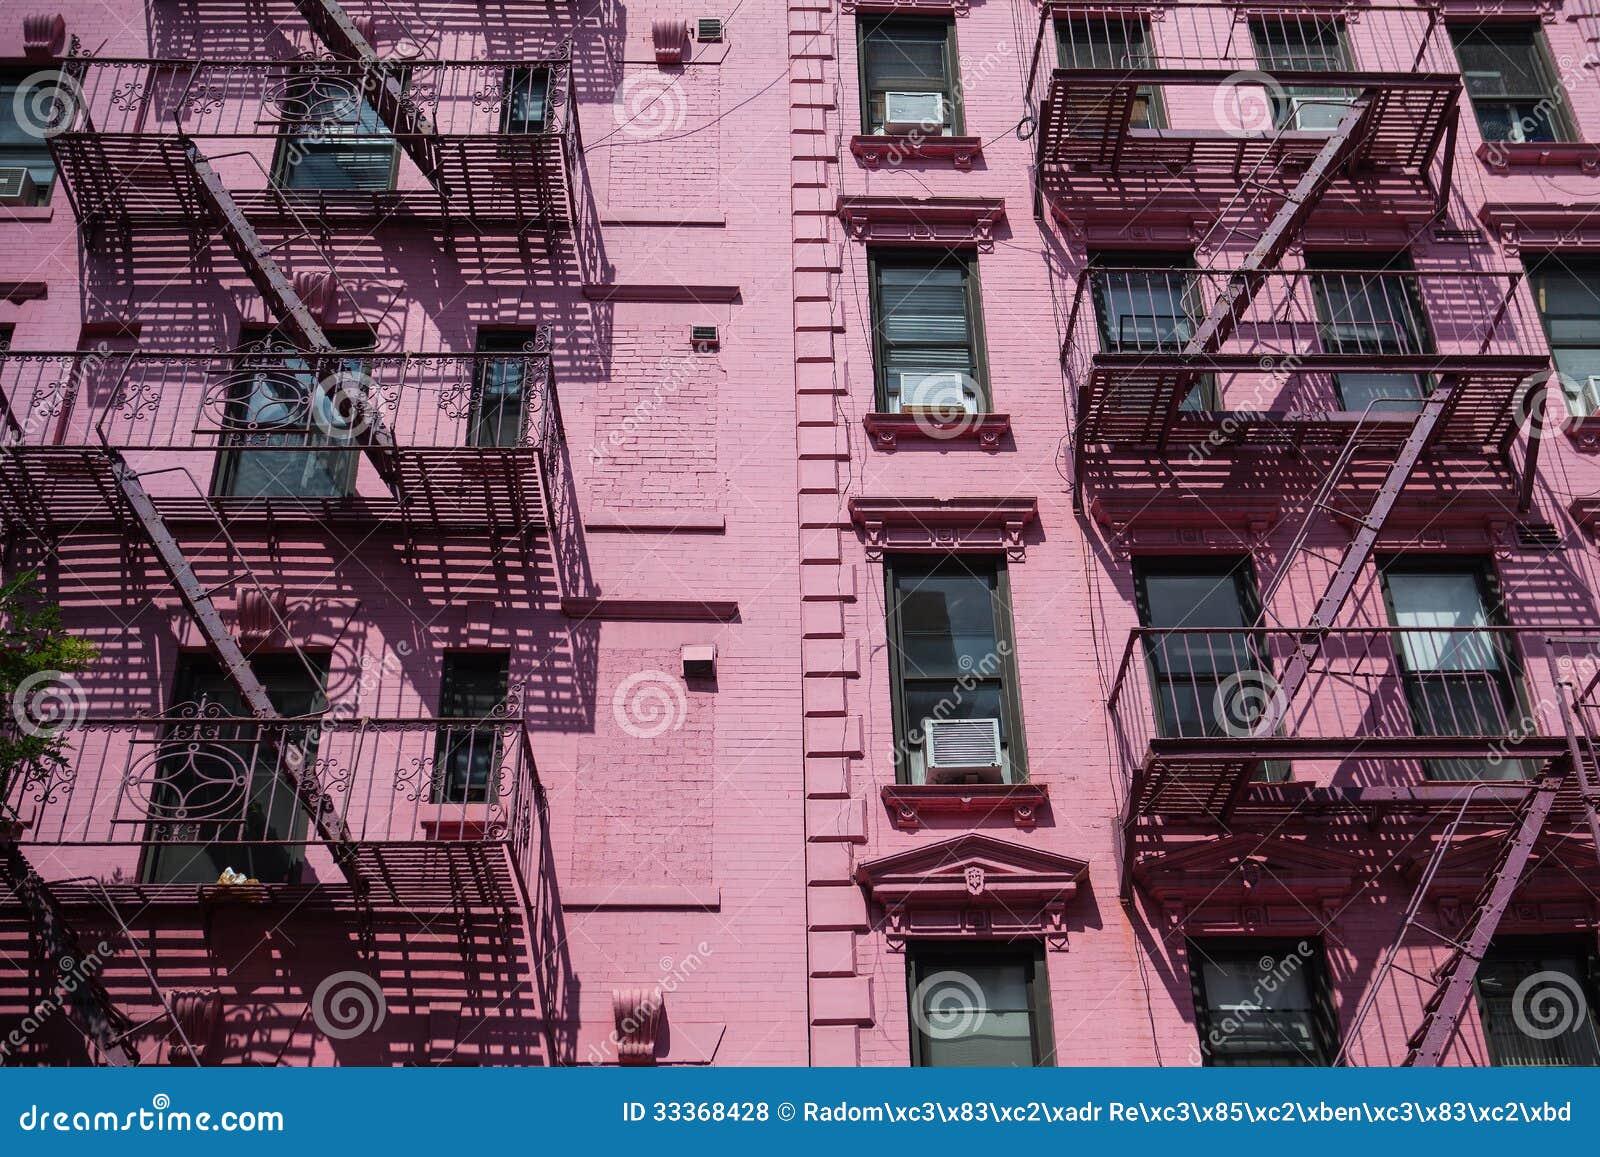 les escaliers du feu sur la vieille maison new york photos libres de droits image 33368428. Black Bedroom Furniture Sets. Home Design Ideas